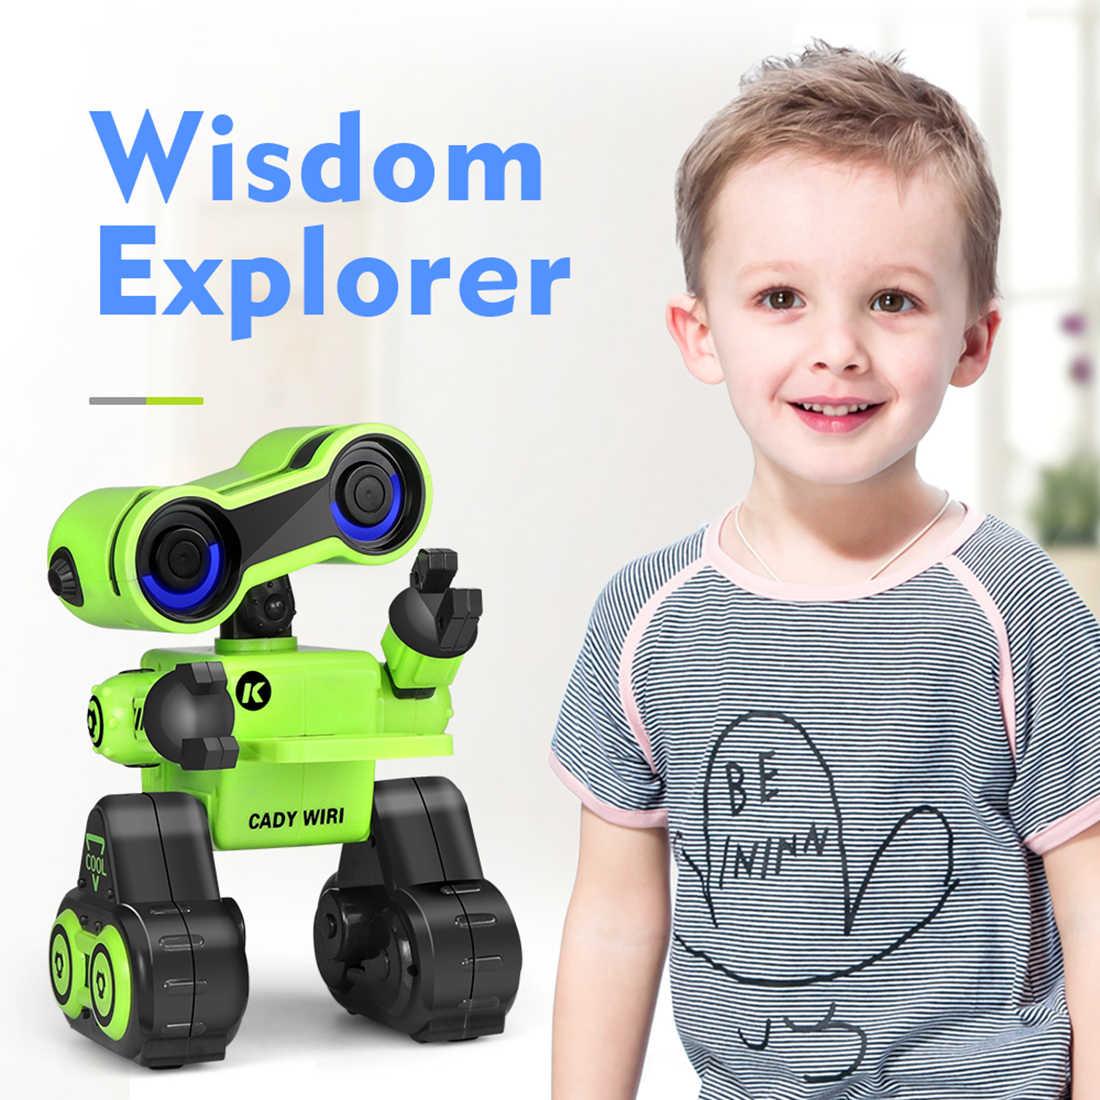 2019 JJRC R13 шелк-кади уири умный программирования робот с пением Танцы голосовой чат свет Управление функции-зеленый/желтый